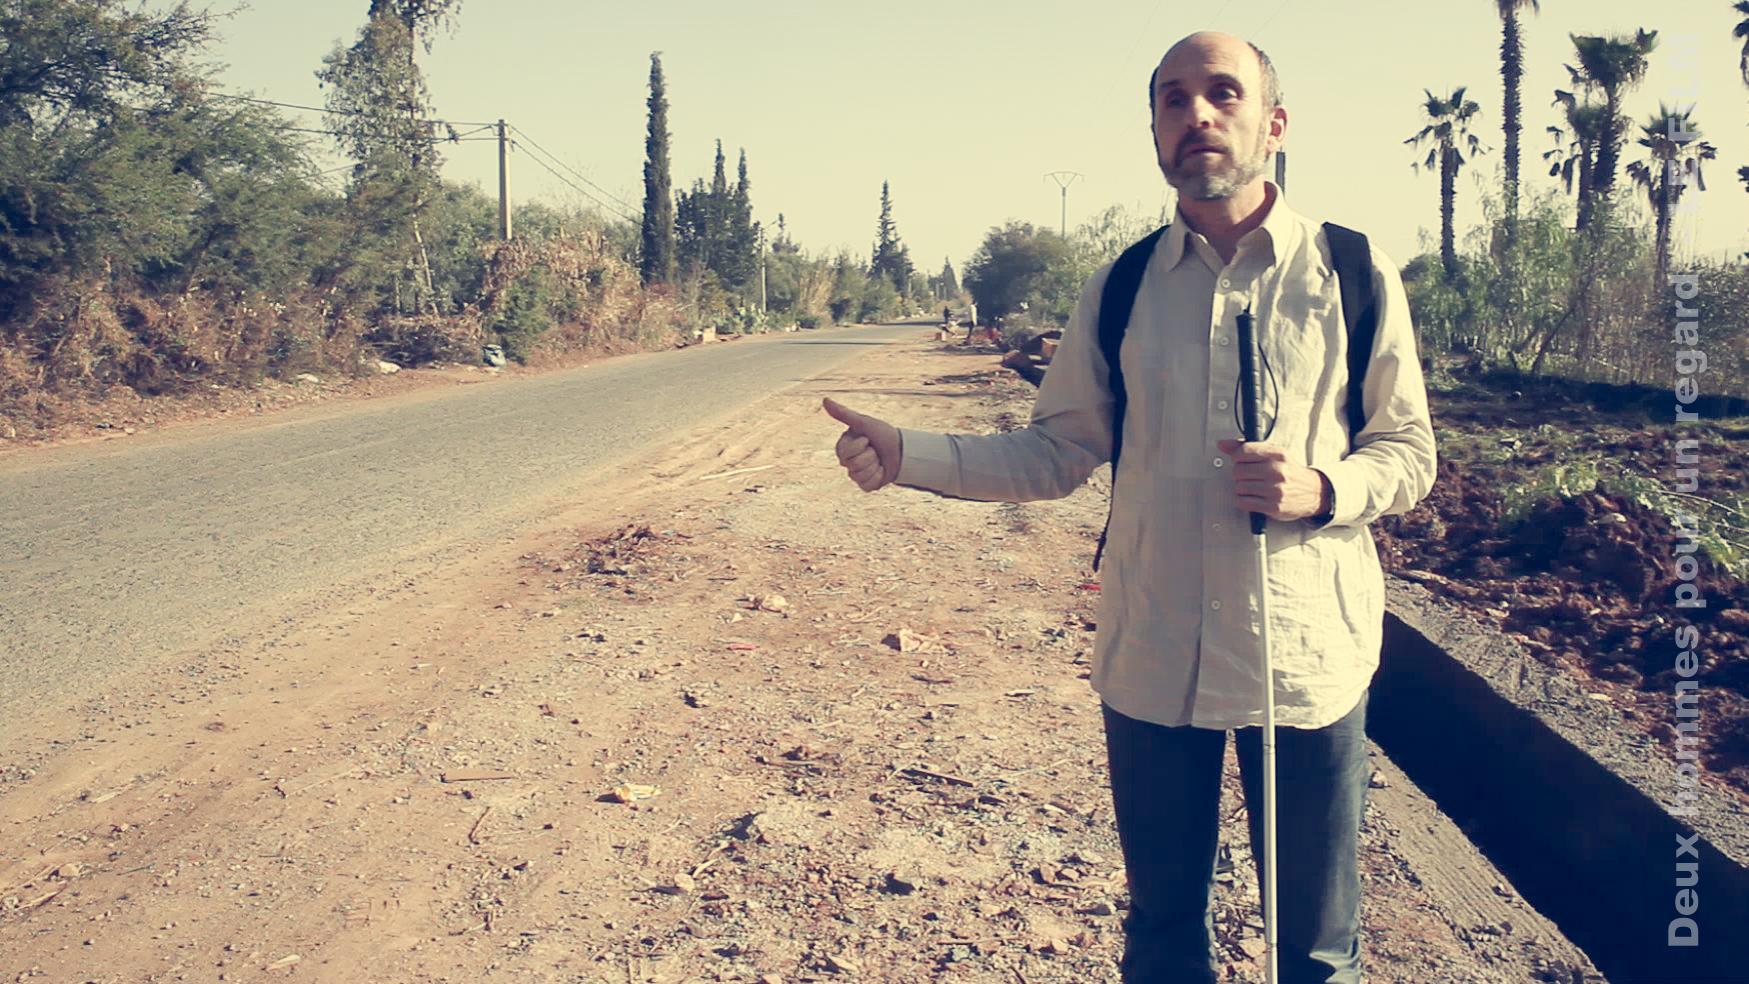 Jean-Pierre en stop sur la route de Marrakech